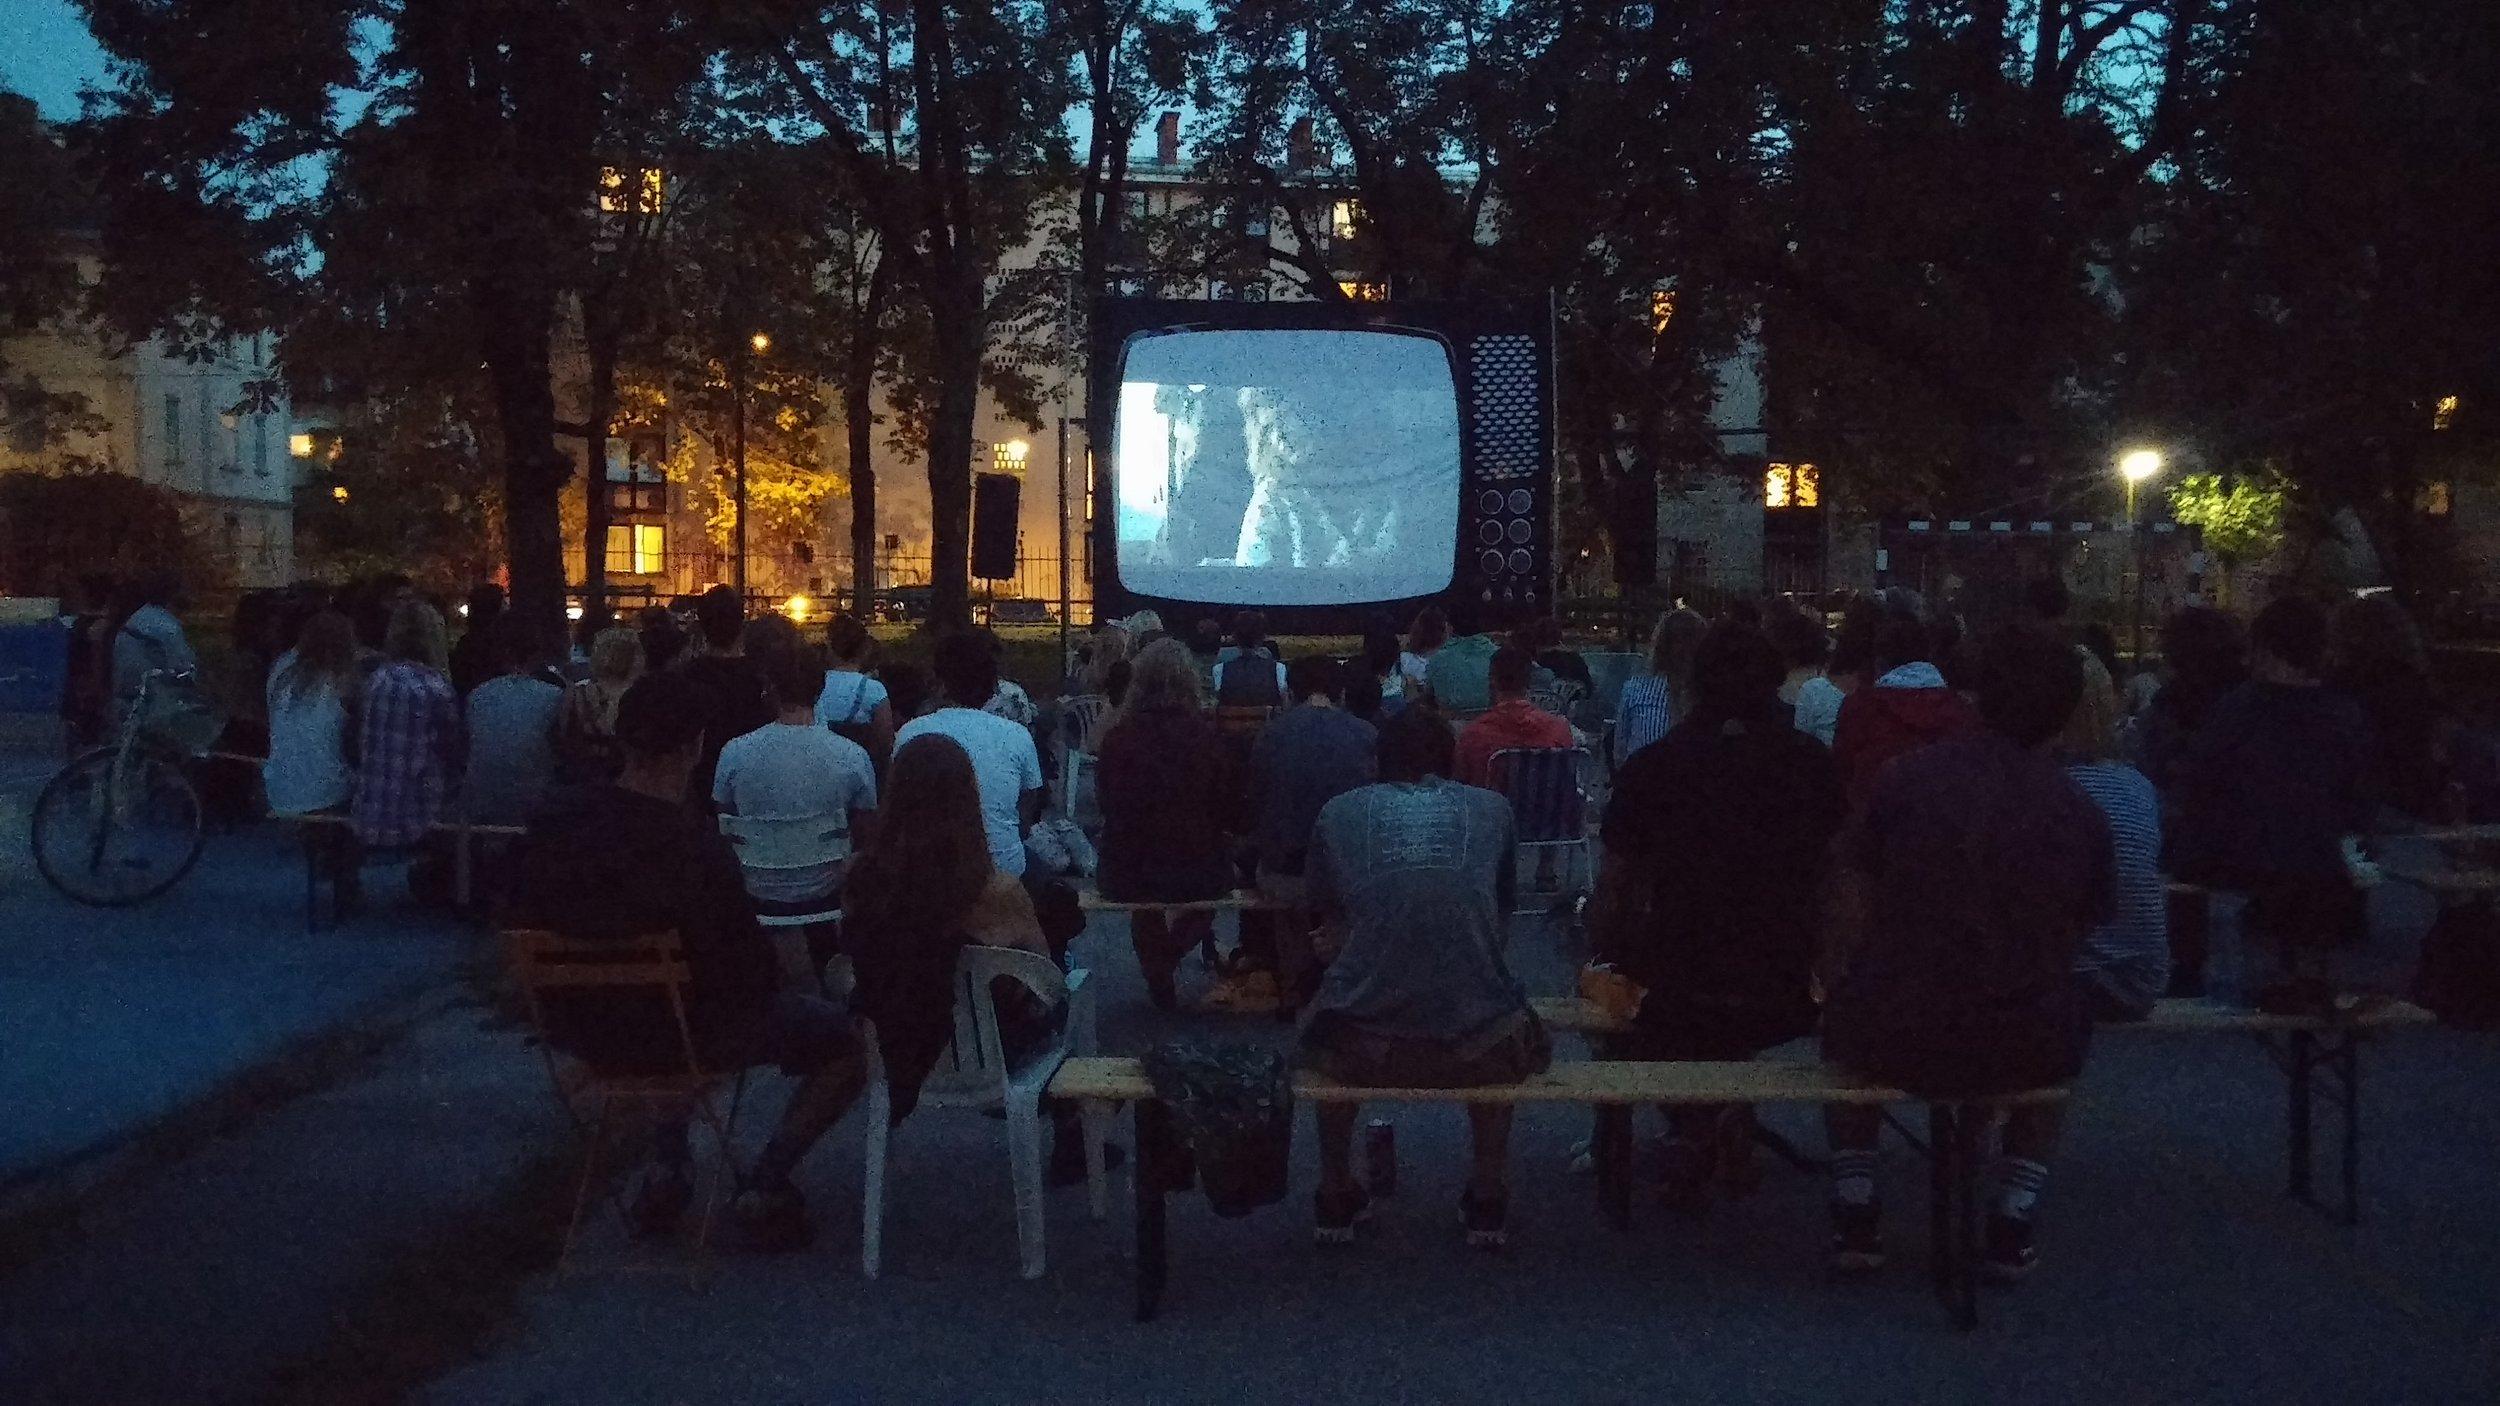 Cinema Park (Kino park) in Tabor park in 2016 (photo credit: prostoRož archive)